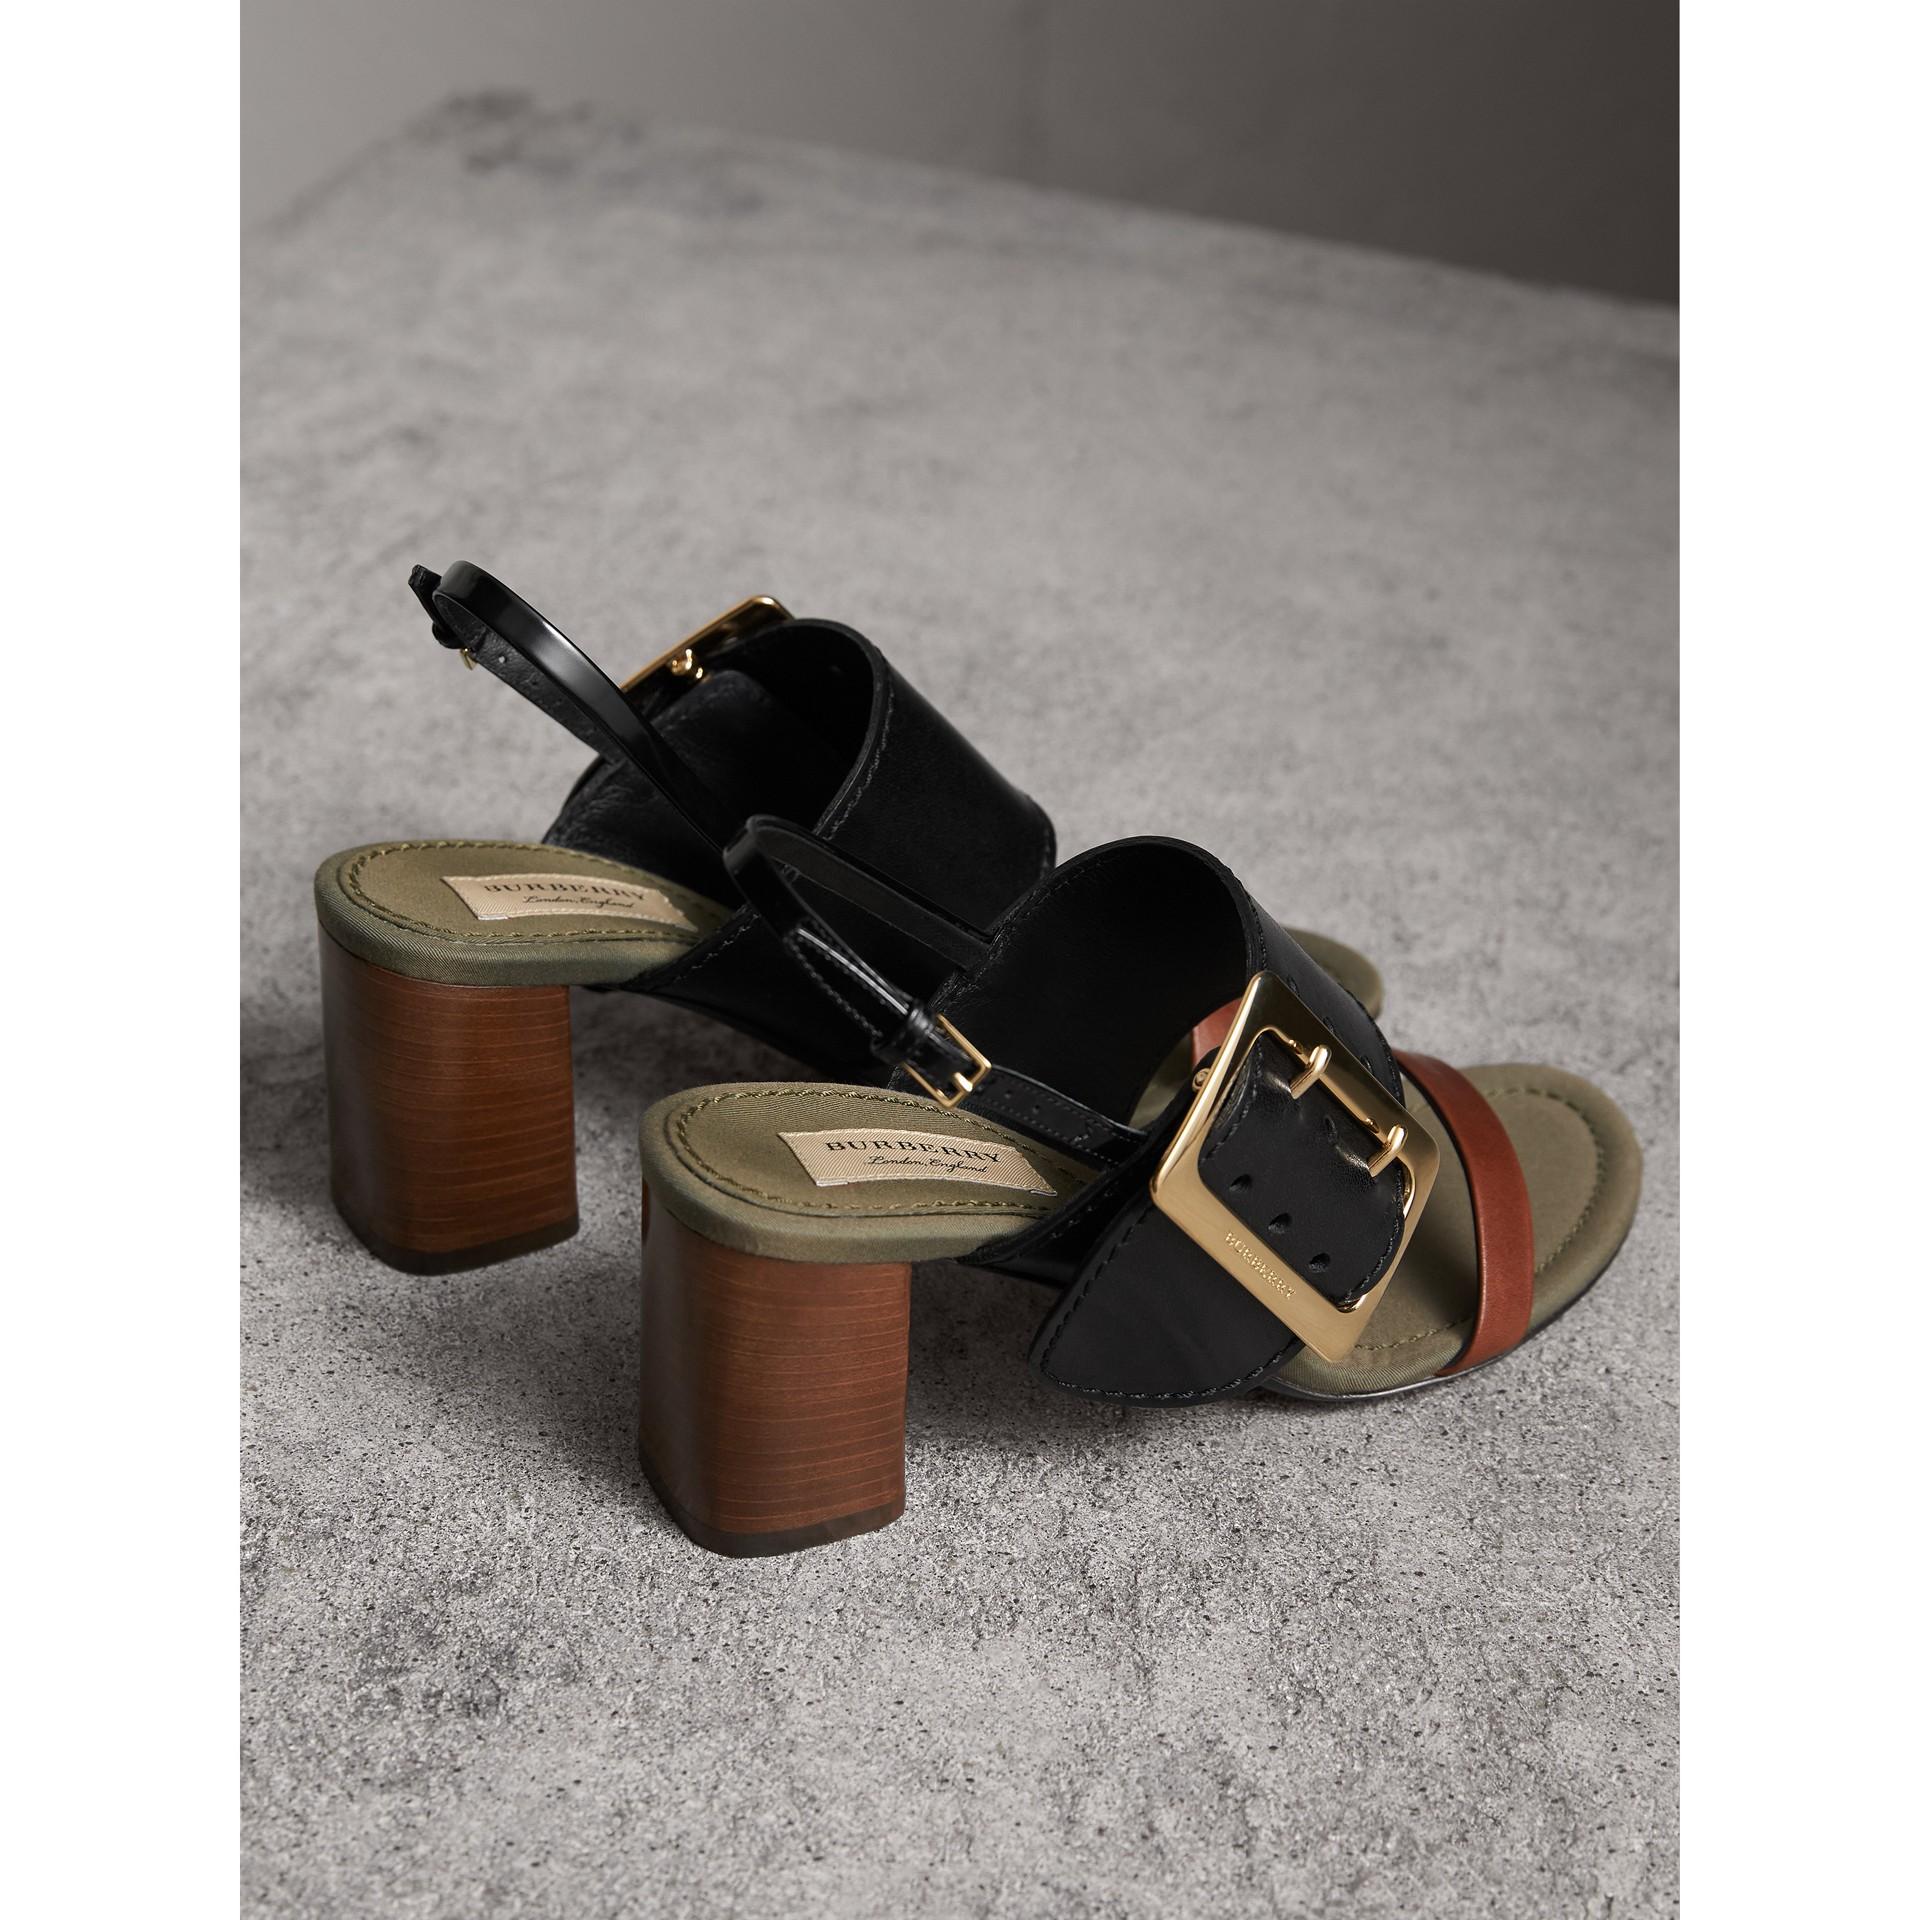 Sandalias en piel con detalle de hebilla grande (Negro) - Mujer | Burberry - imagen de la galería 4